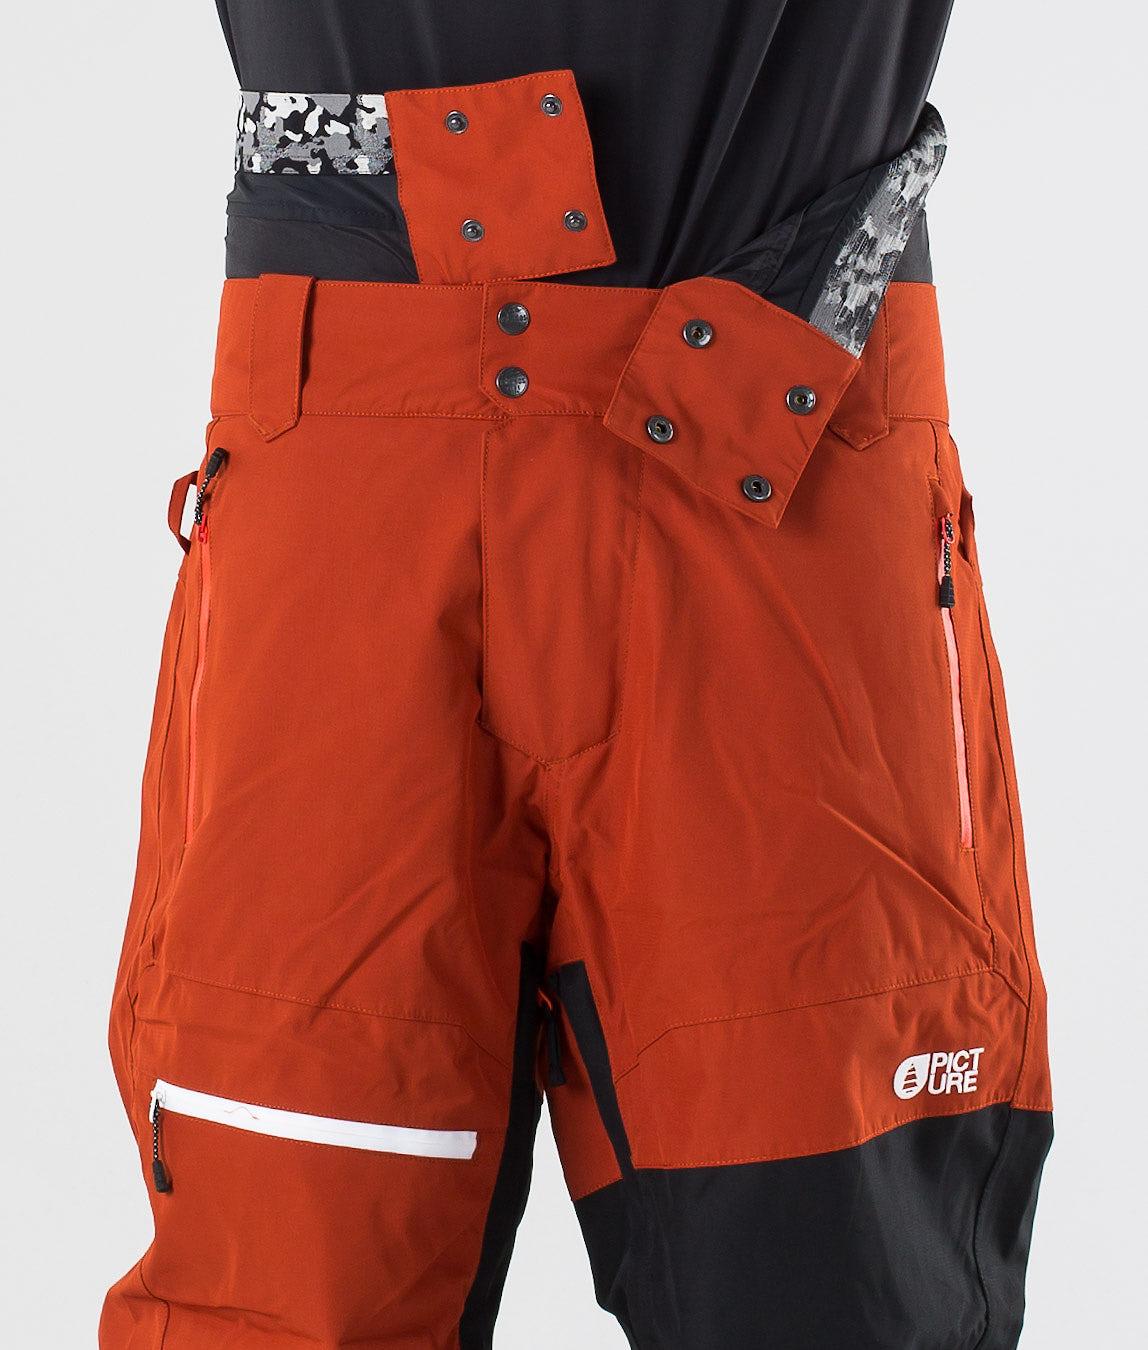 Kjøp Alpin Snowboardbukse fra Picture på Ridestore.no - Hos oss har du alltid fri frakt, fri retur og 30 dagers åpent kjøp!